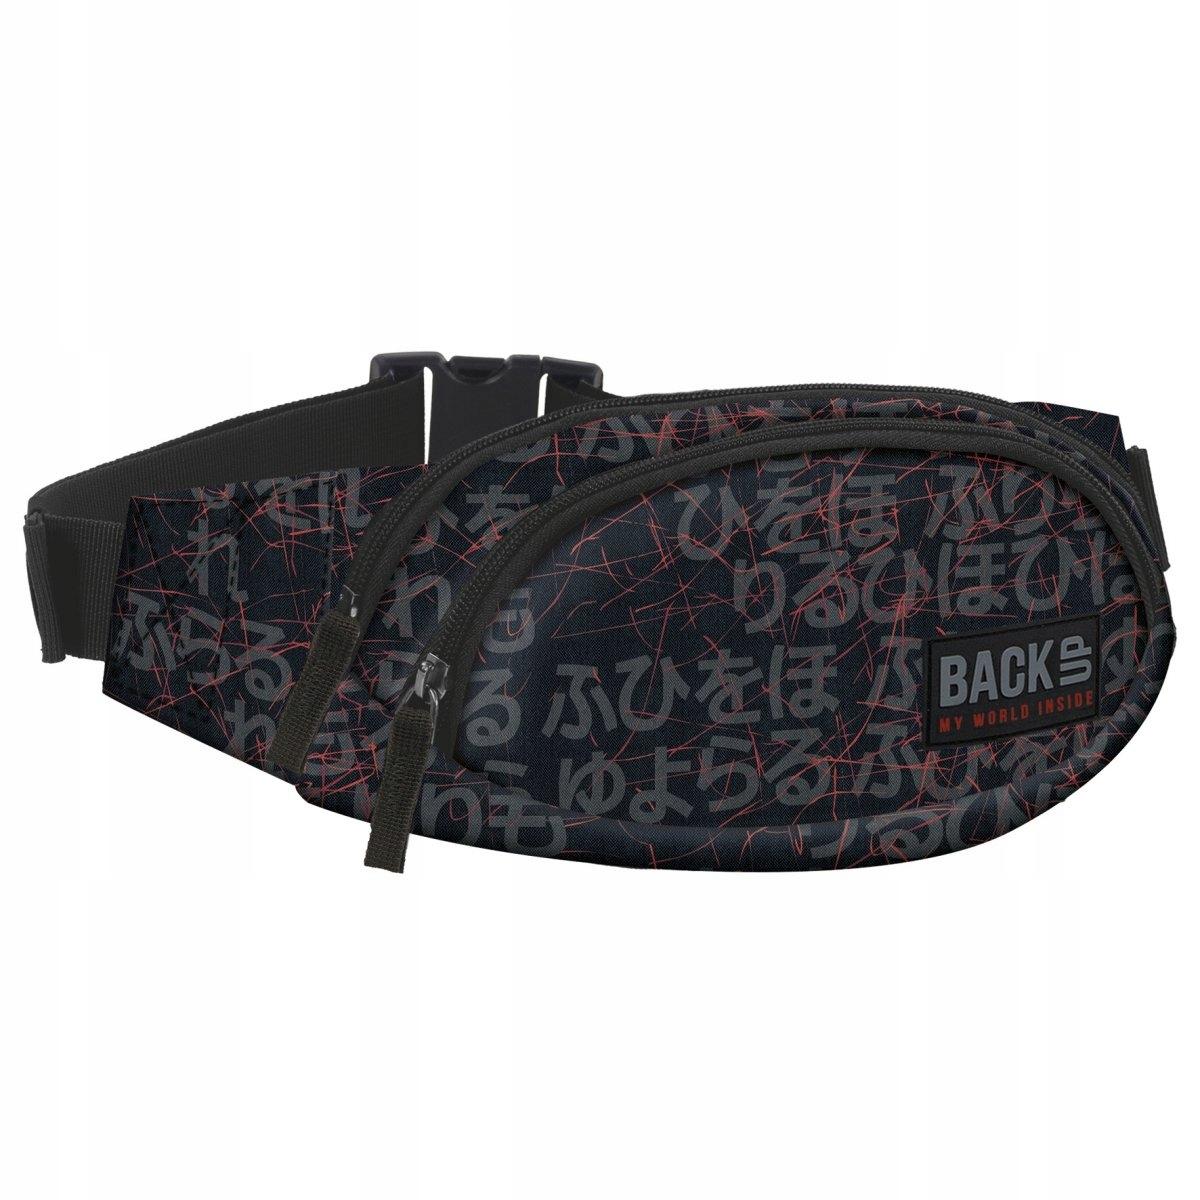 Obličky Sachet Backup On Batch Bag Japanects Letters